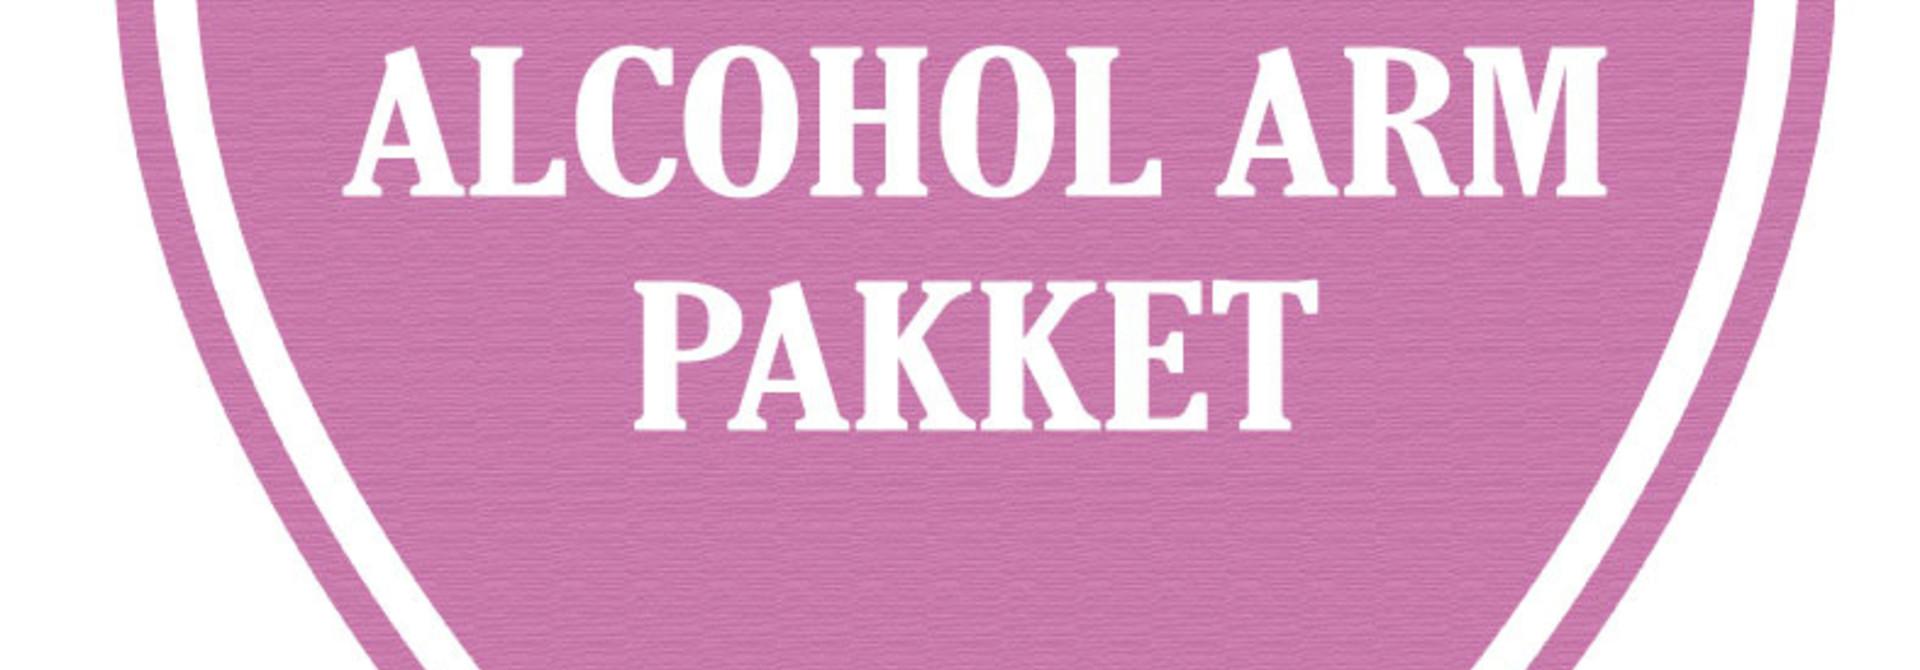 Alcoholarm bierpakket